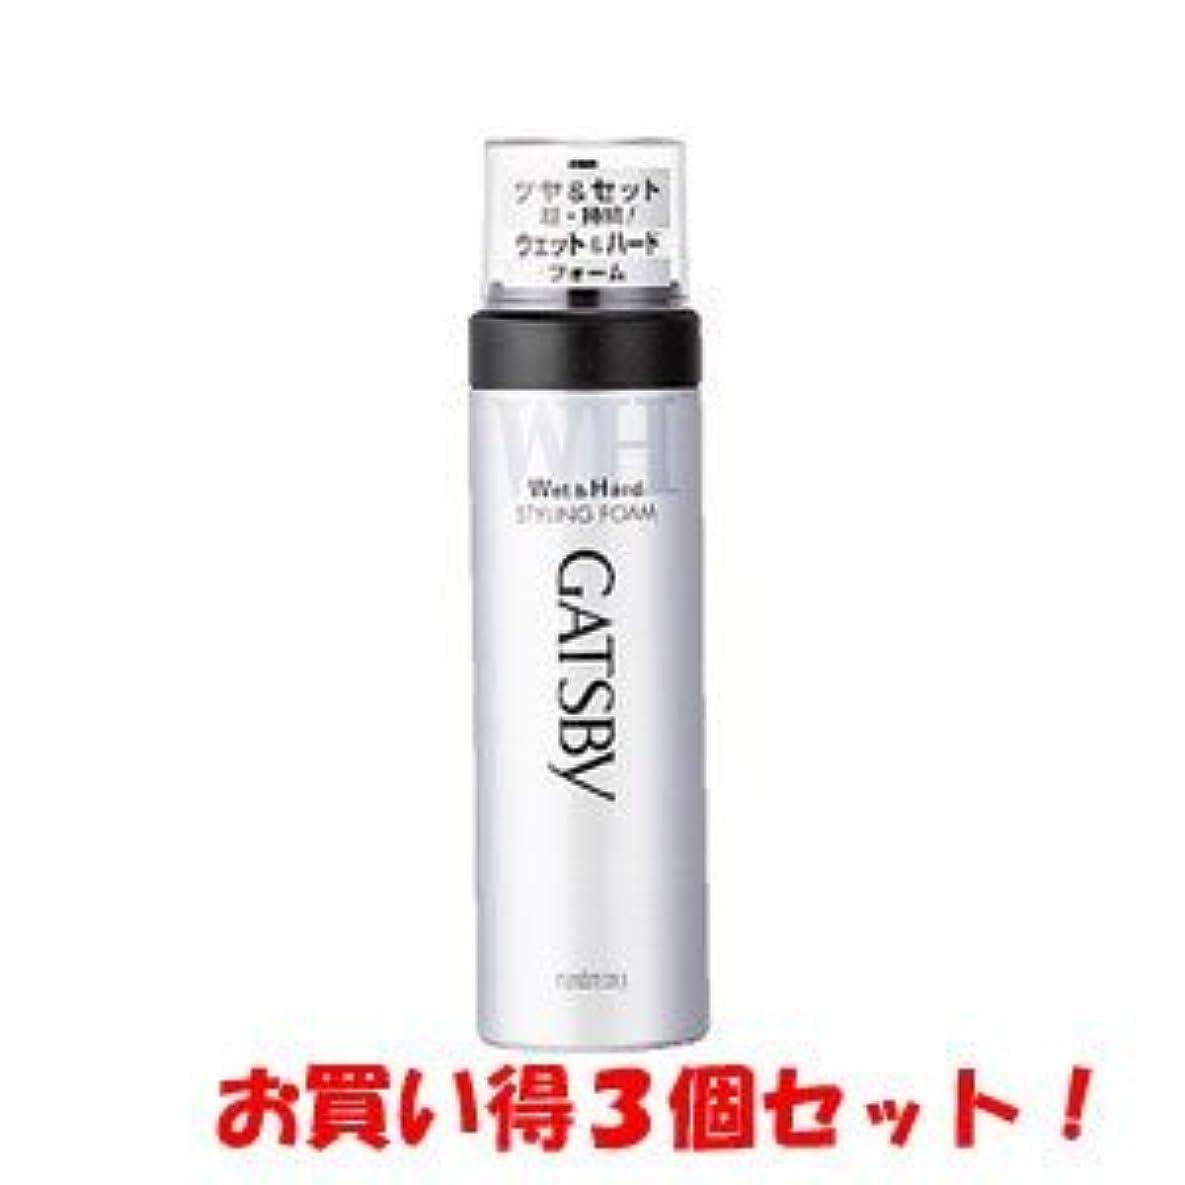 ピンポイント担当者予防接種ギャツビー【GATSBY】スタイリングフォーム ウェット&ハード 185g(お買い得3個セット)